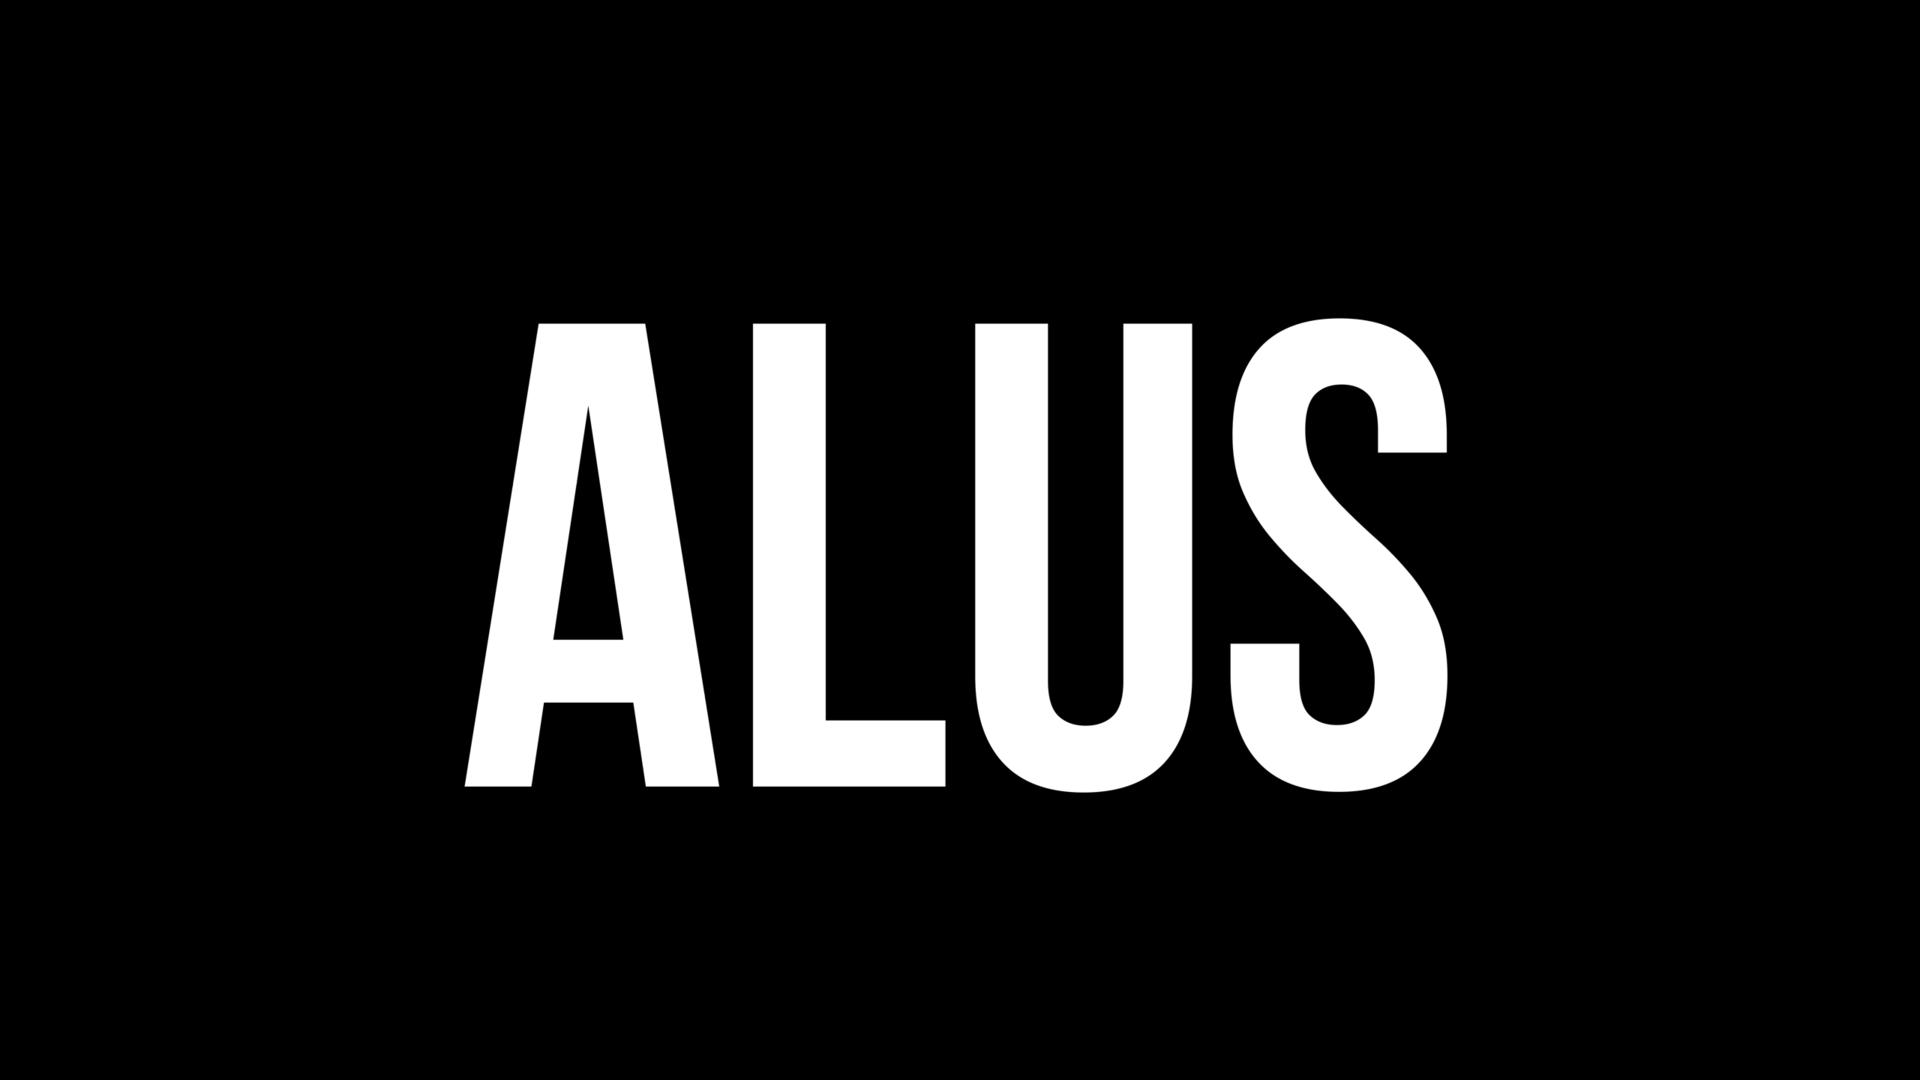 ALUS ARMY APPAREL